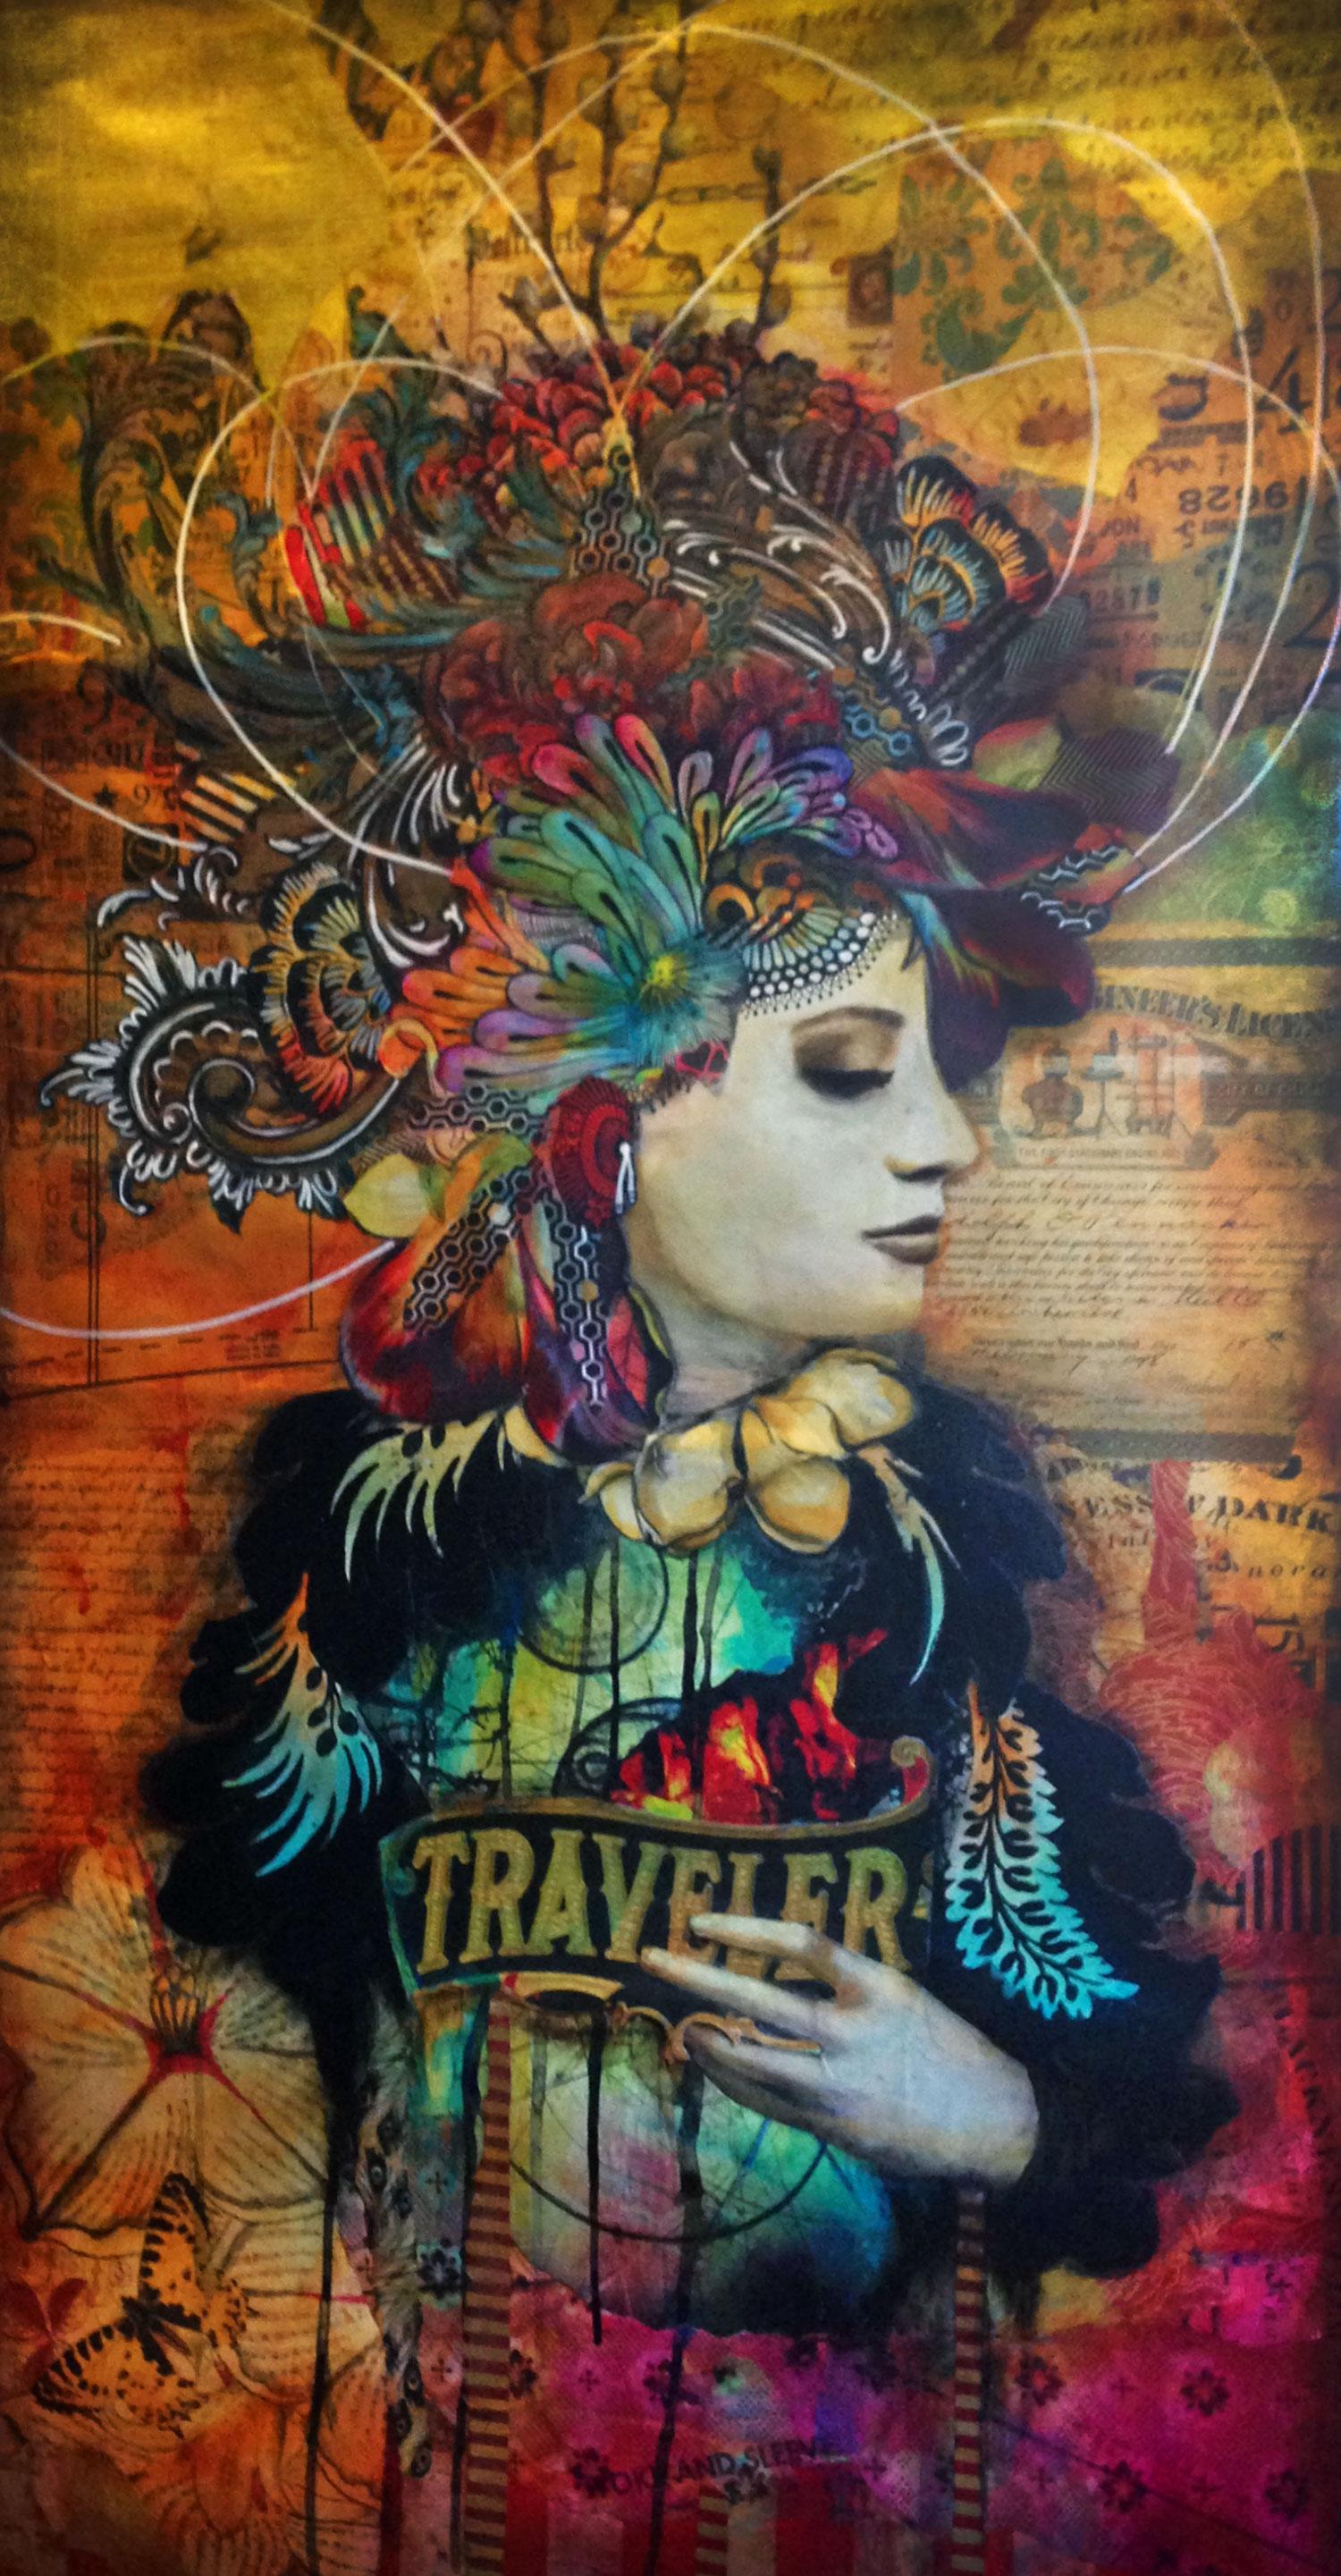 The Traveler Andrea Matus Demeng